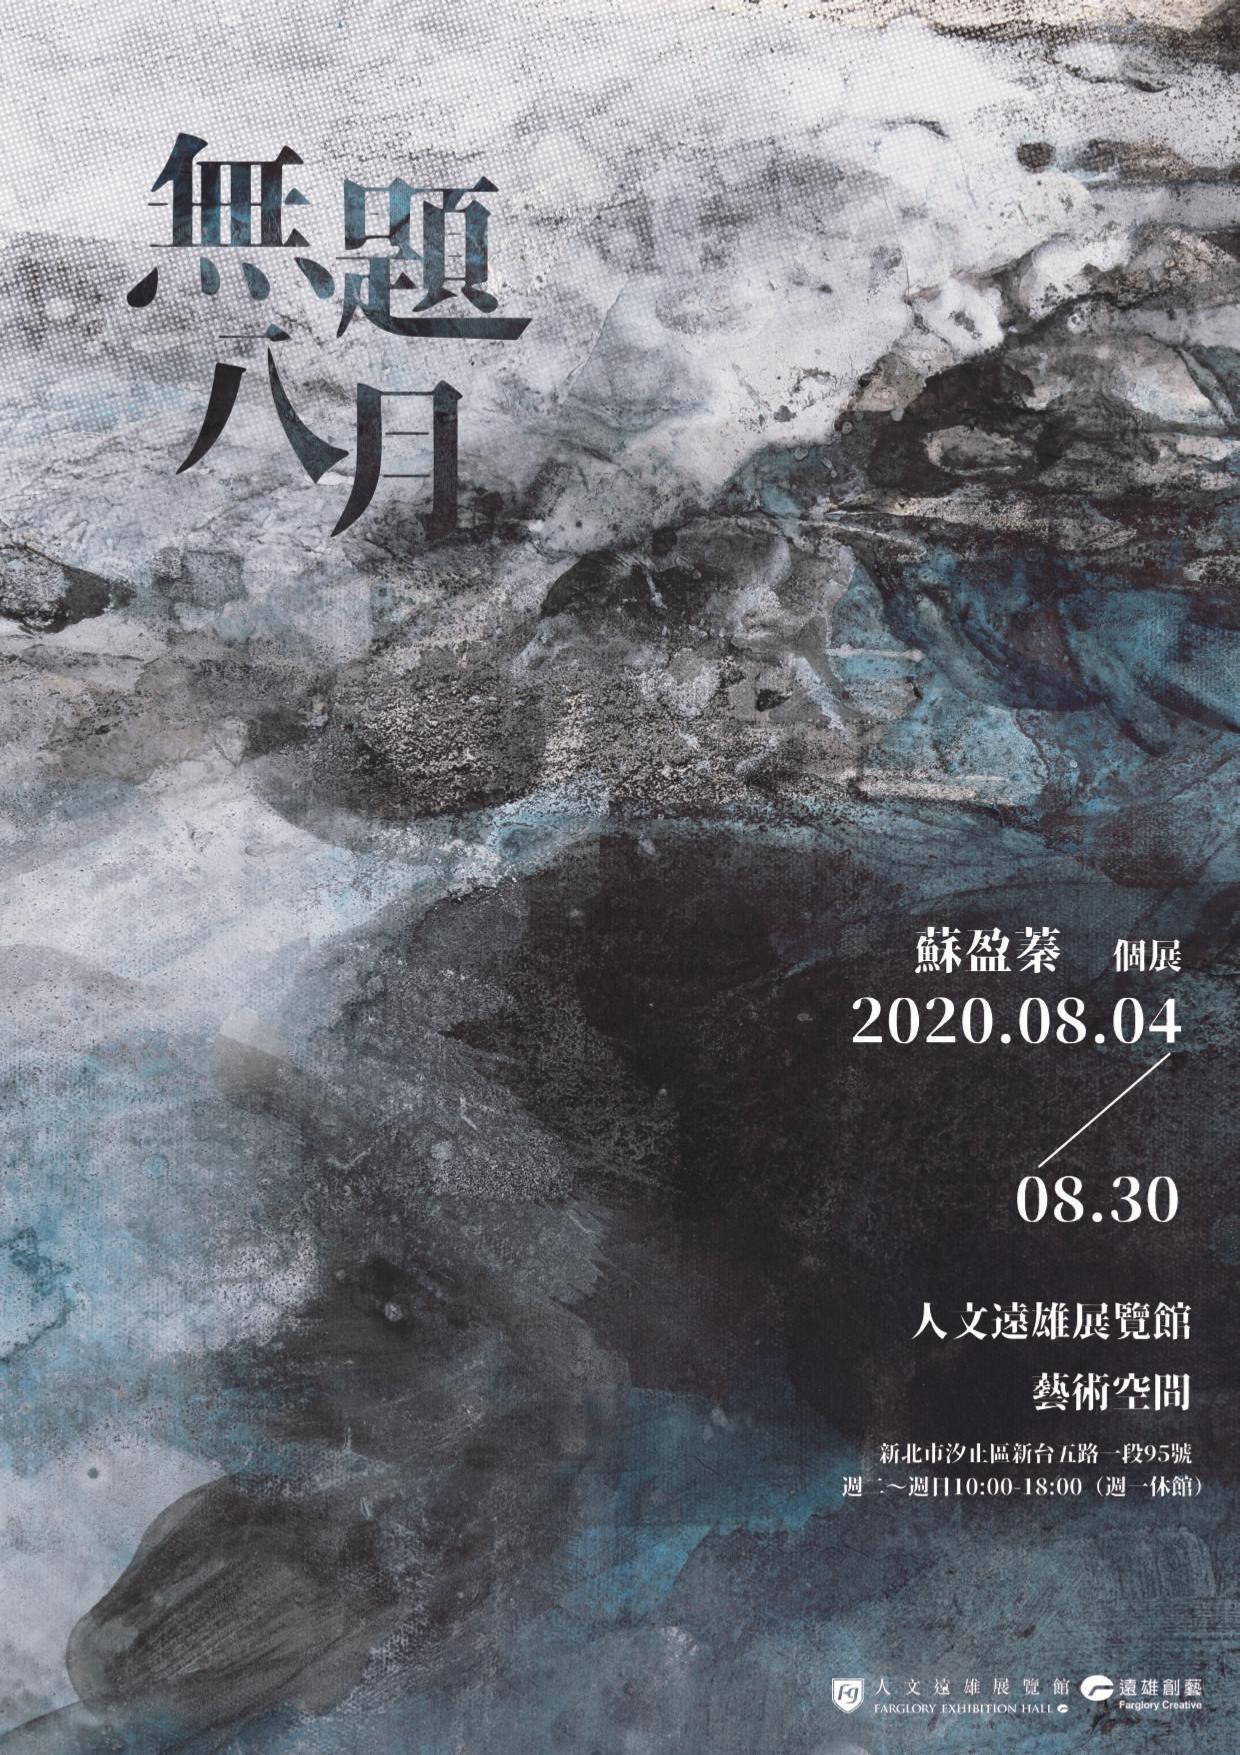 人文遠雄展覽館:2020/08/04-2020/08/30【《無題八月》蘇盈蓁個展】